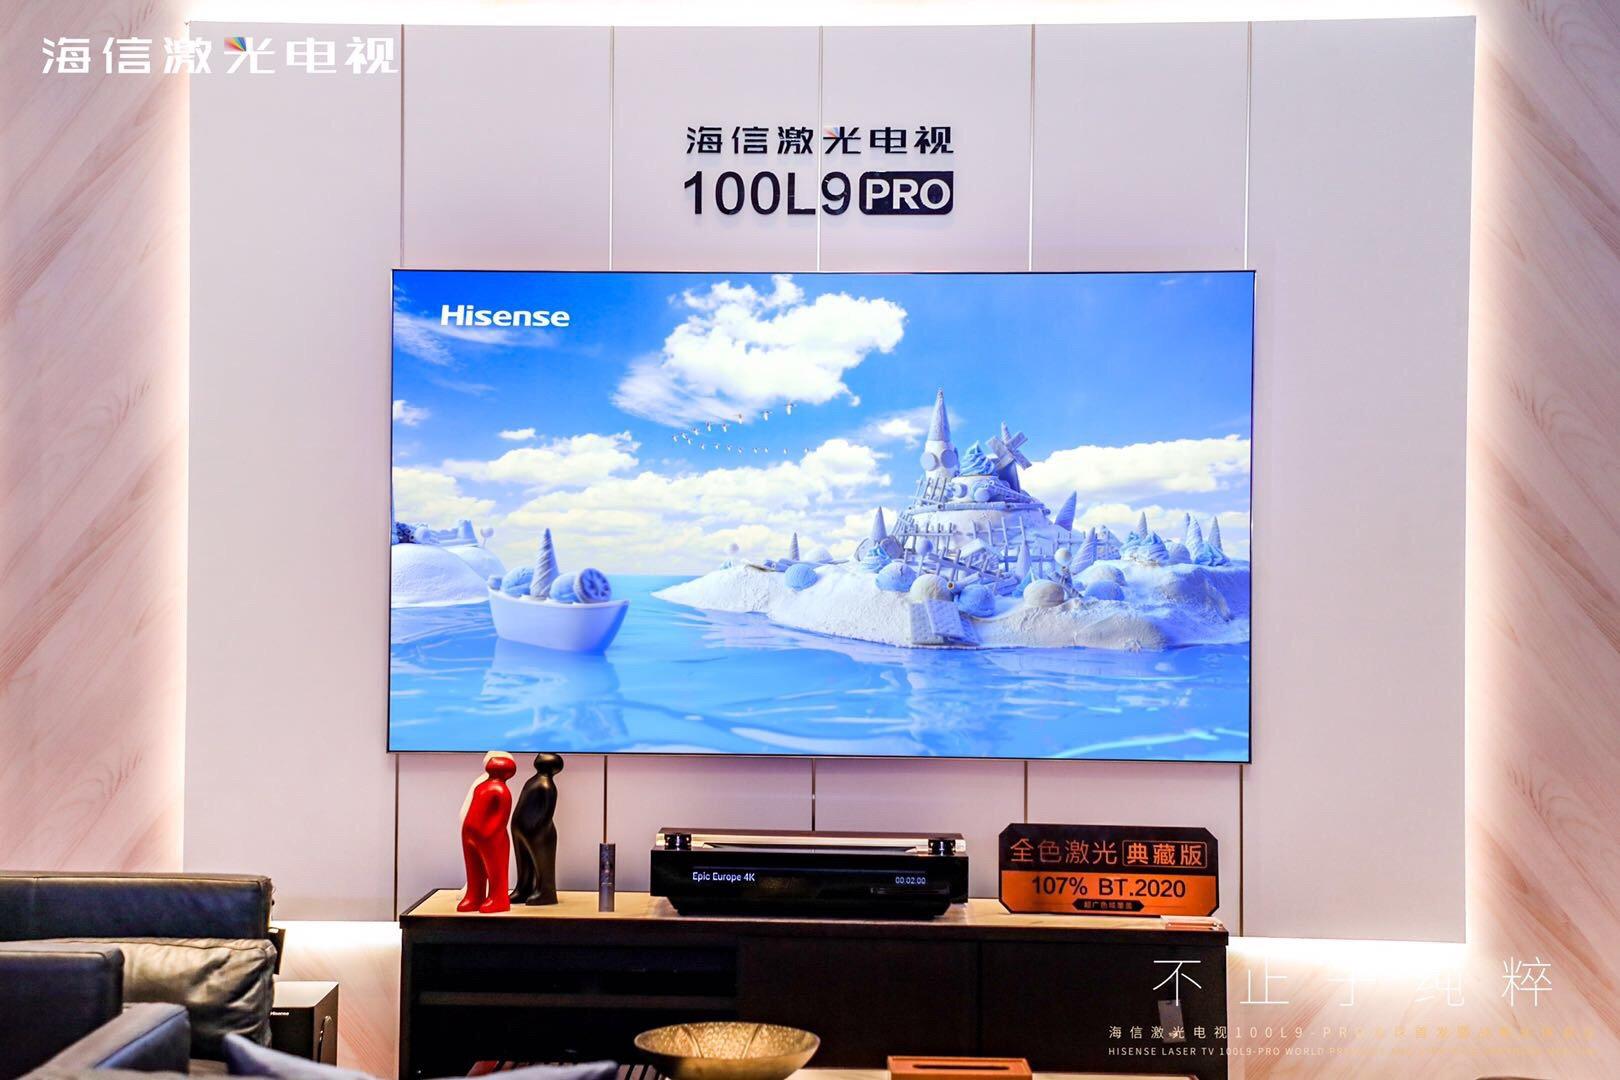 海信100L9PRO激光电视新品发布,限量发售1000台 售价99999元